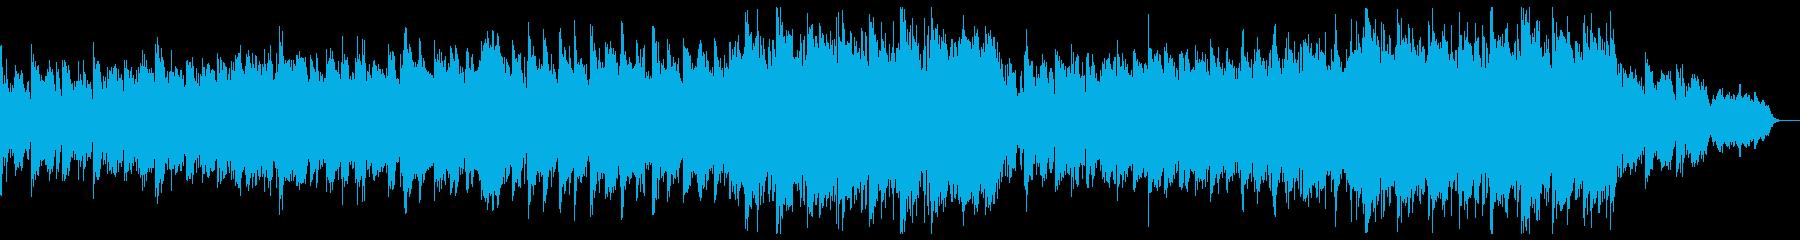 希望あふれるエピックピアノ:ドラム無しの再生済みの波形